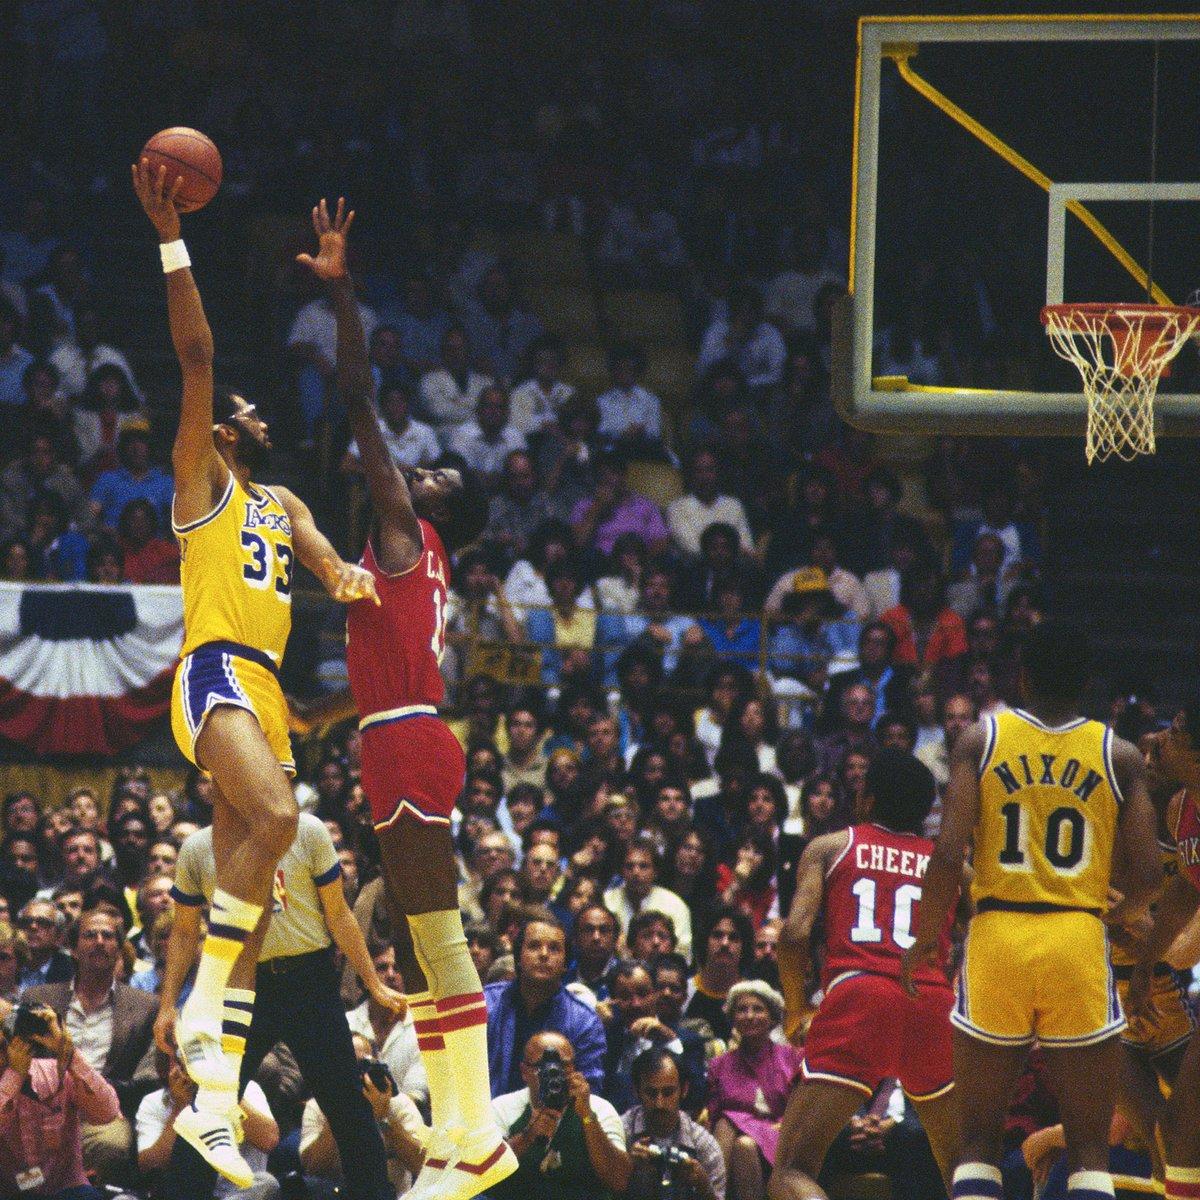 Pense numa imagem CLÁSSICA: há exatos 39 anos, os Lakers conquistavam o 8º título da franquia e @kaj33 nos presenteava com seu icônico gancho! #NBAHistory #OTD #NBAVault https://t.co/Kg4mYk14ps